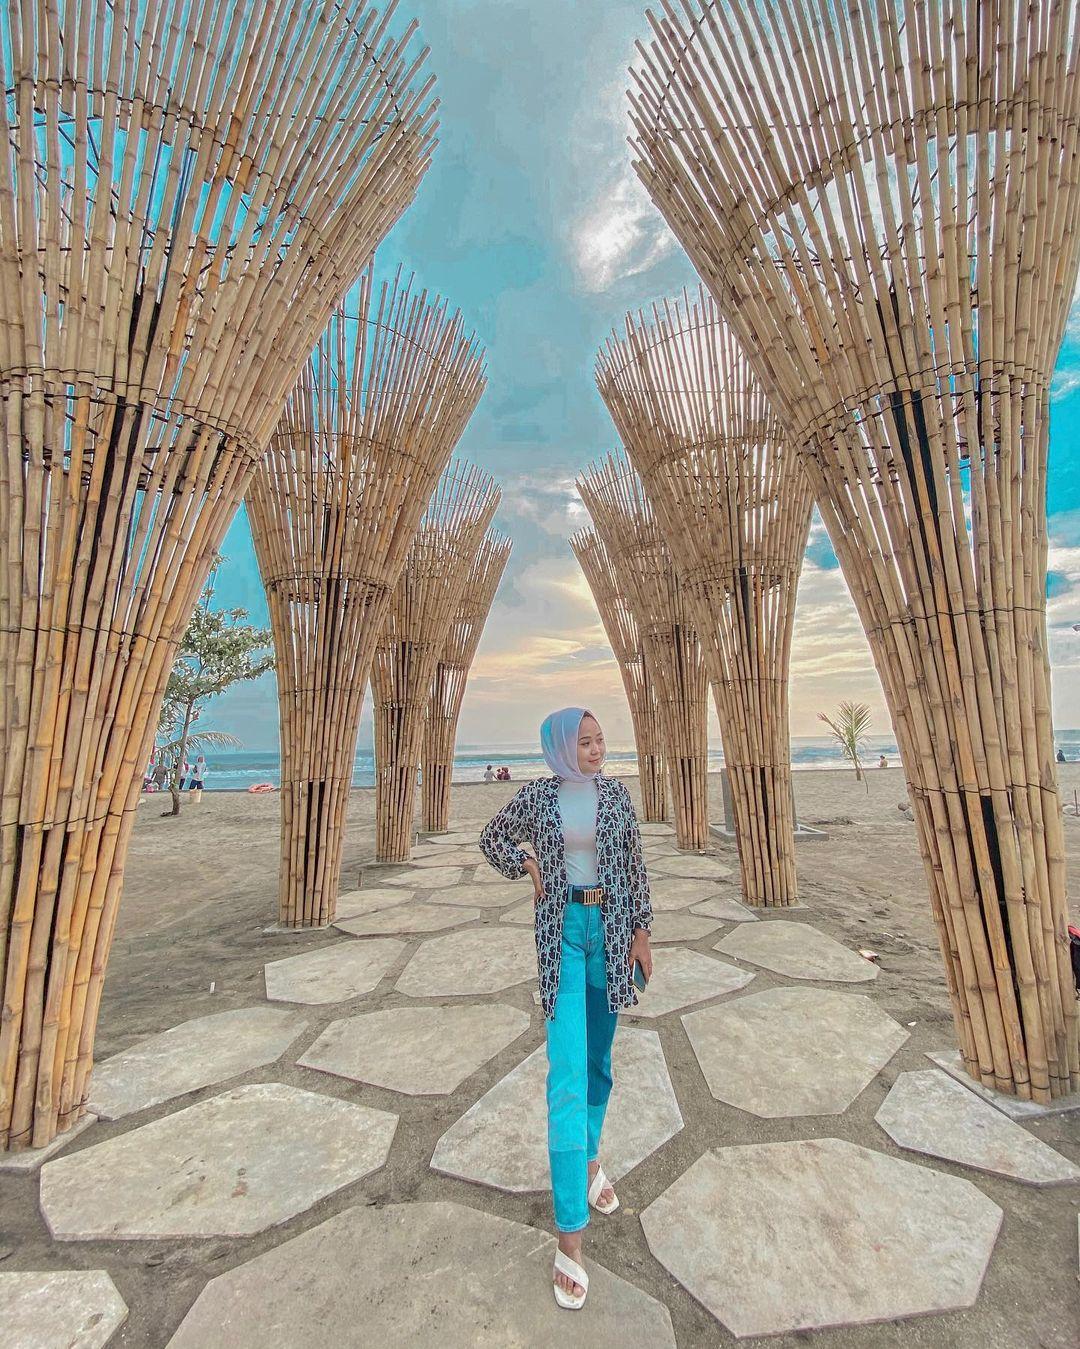 Pantai Di Novus Jiva Villa Image From @meganurhadillah